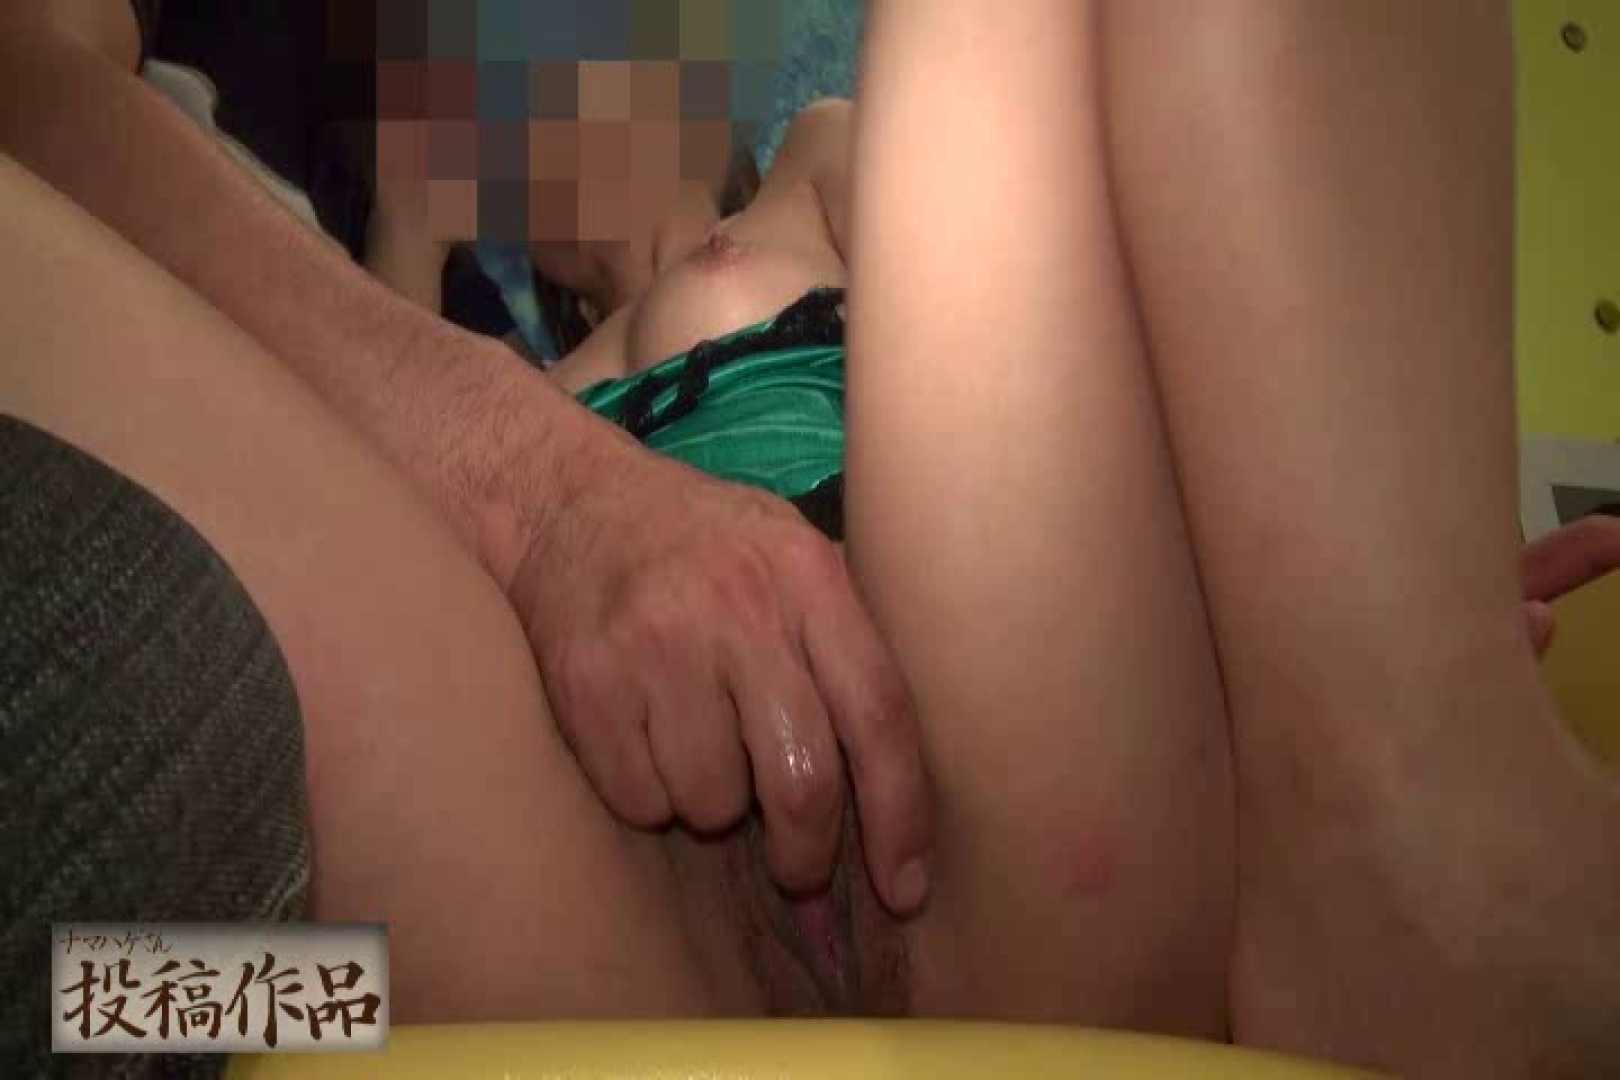 ナマハゲさんのまんこコレクション第二章 maria エッチすぎる人妻 セックス画像 71連発 39